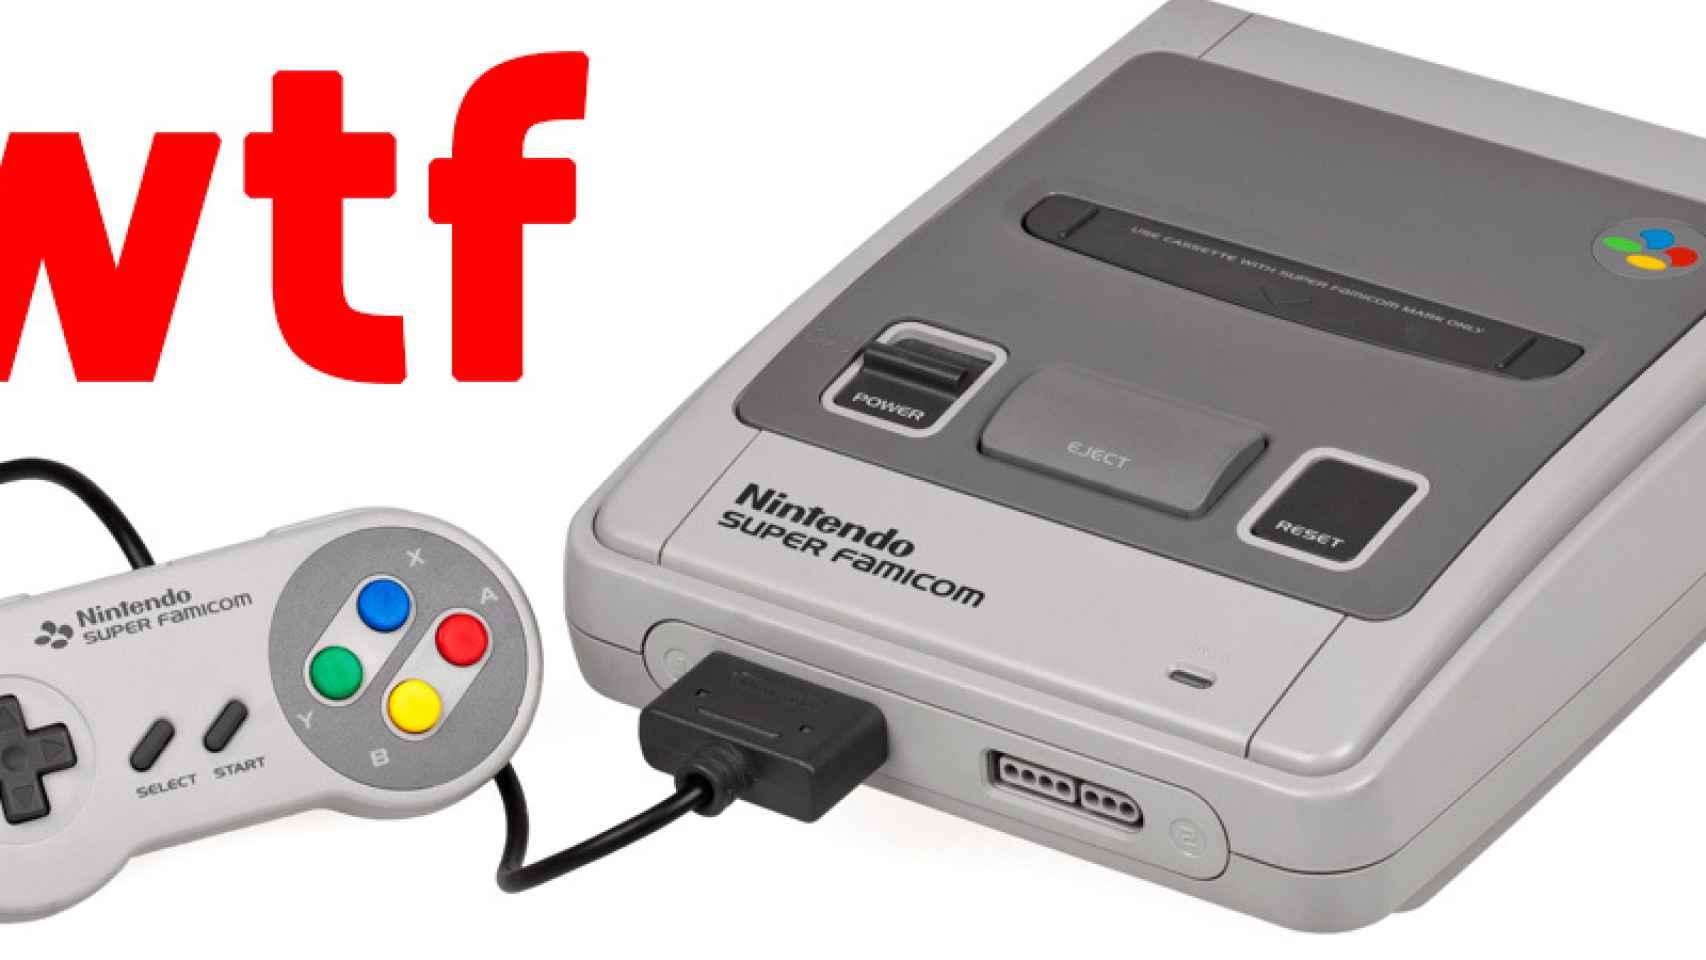 20 años sin apagar la Nintendo Super NES para no perder el progreso de la partida